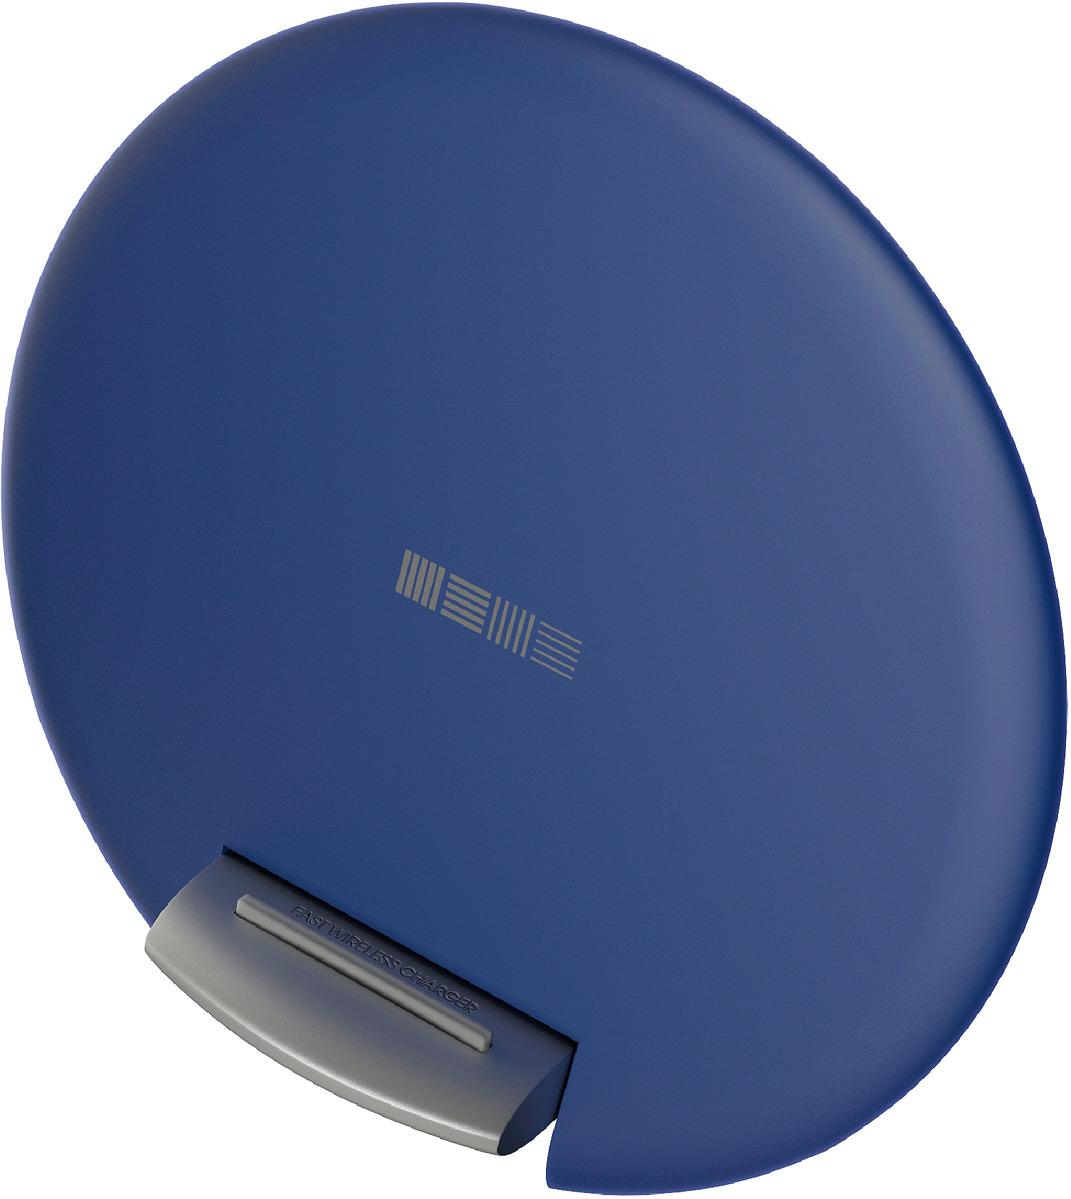 Беспроводное зарядное устройство Interstep QI 10W IS-TC-QISETB10W-000B201, темно-синий цена